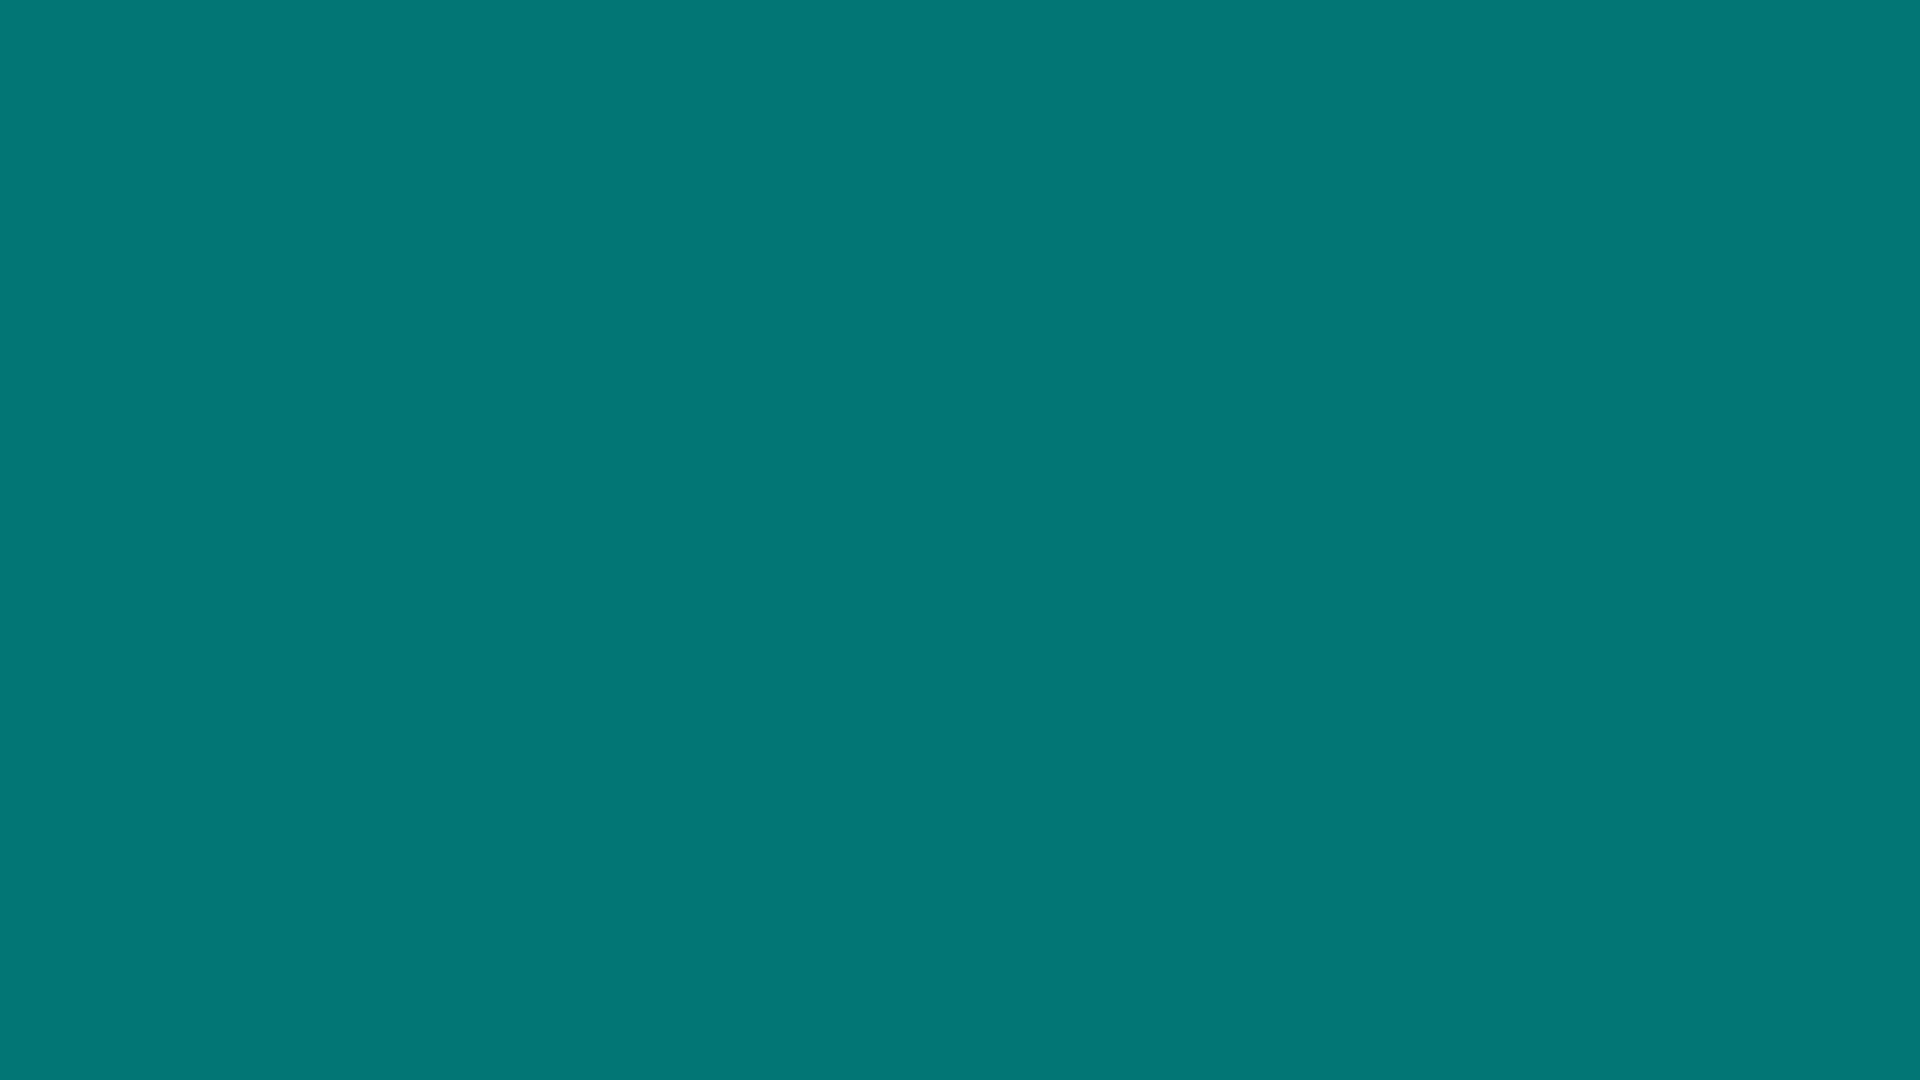 [공지] 2014년 아시아연구소 박사학위논문상 시상식 및 발표회 안내